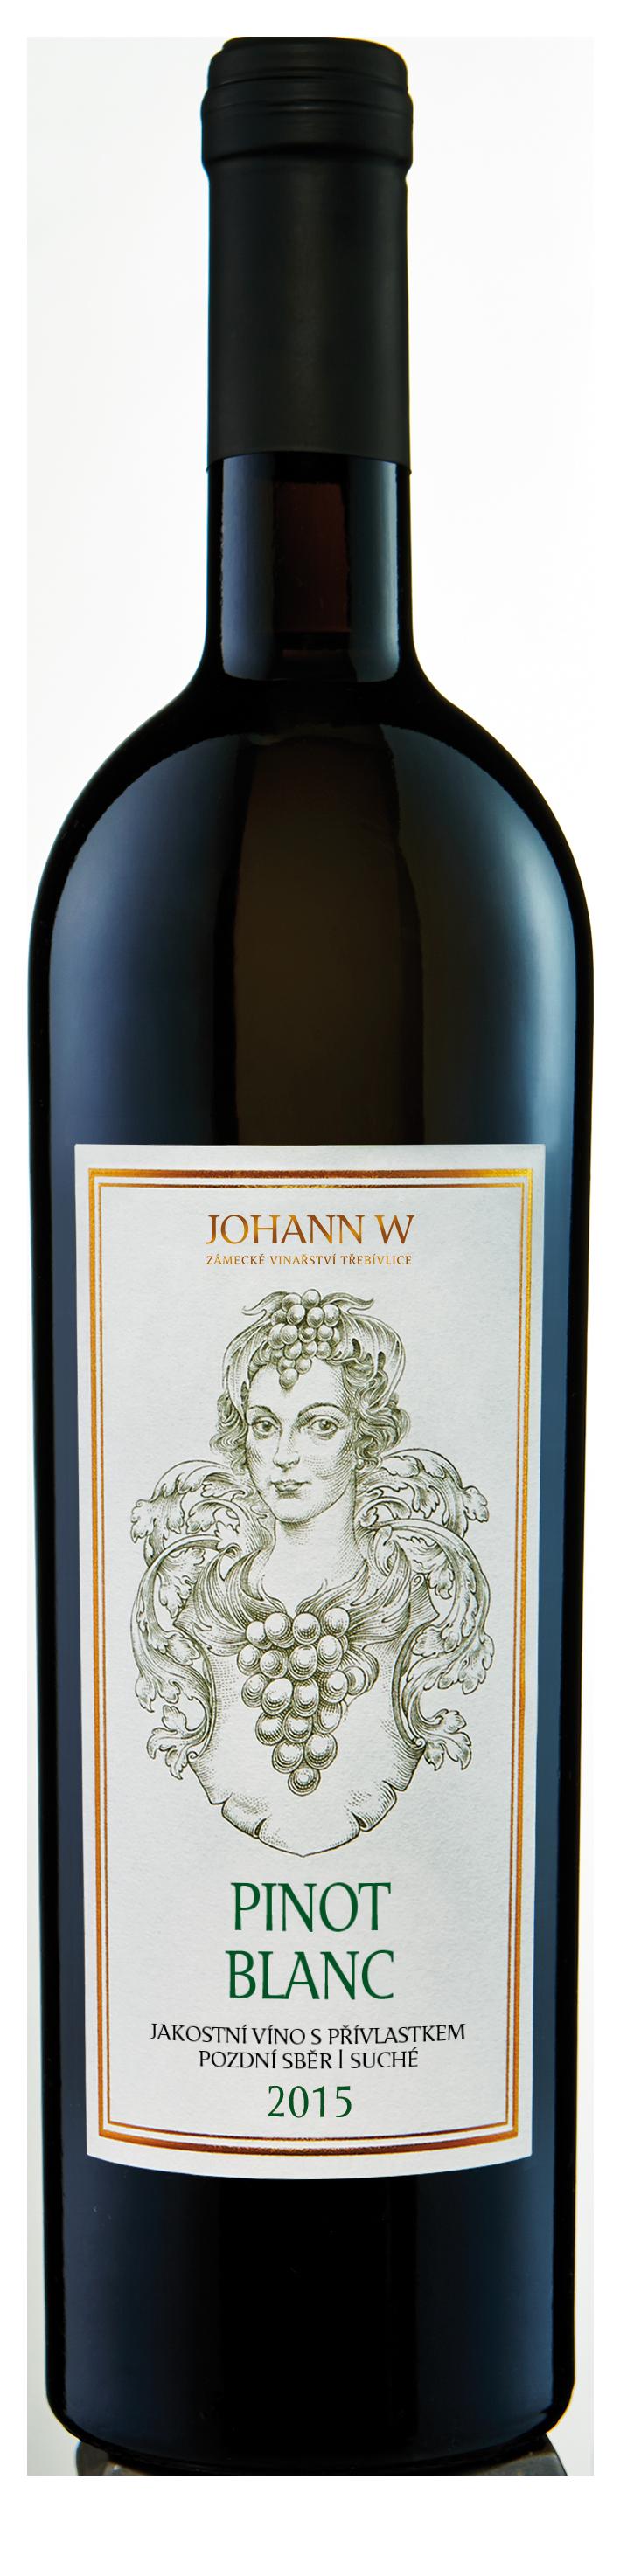 Pinot Blanc 2016, pozdní sběr, suché, Vinařství Johann W - Třebívlice